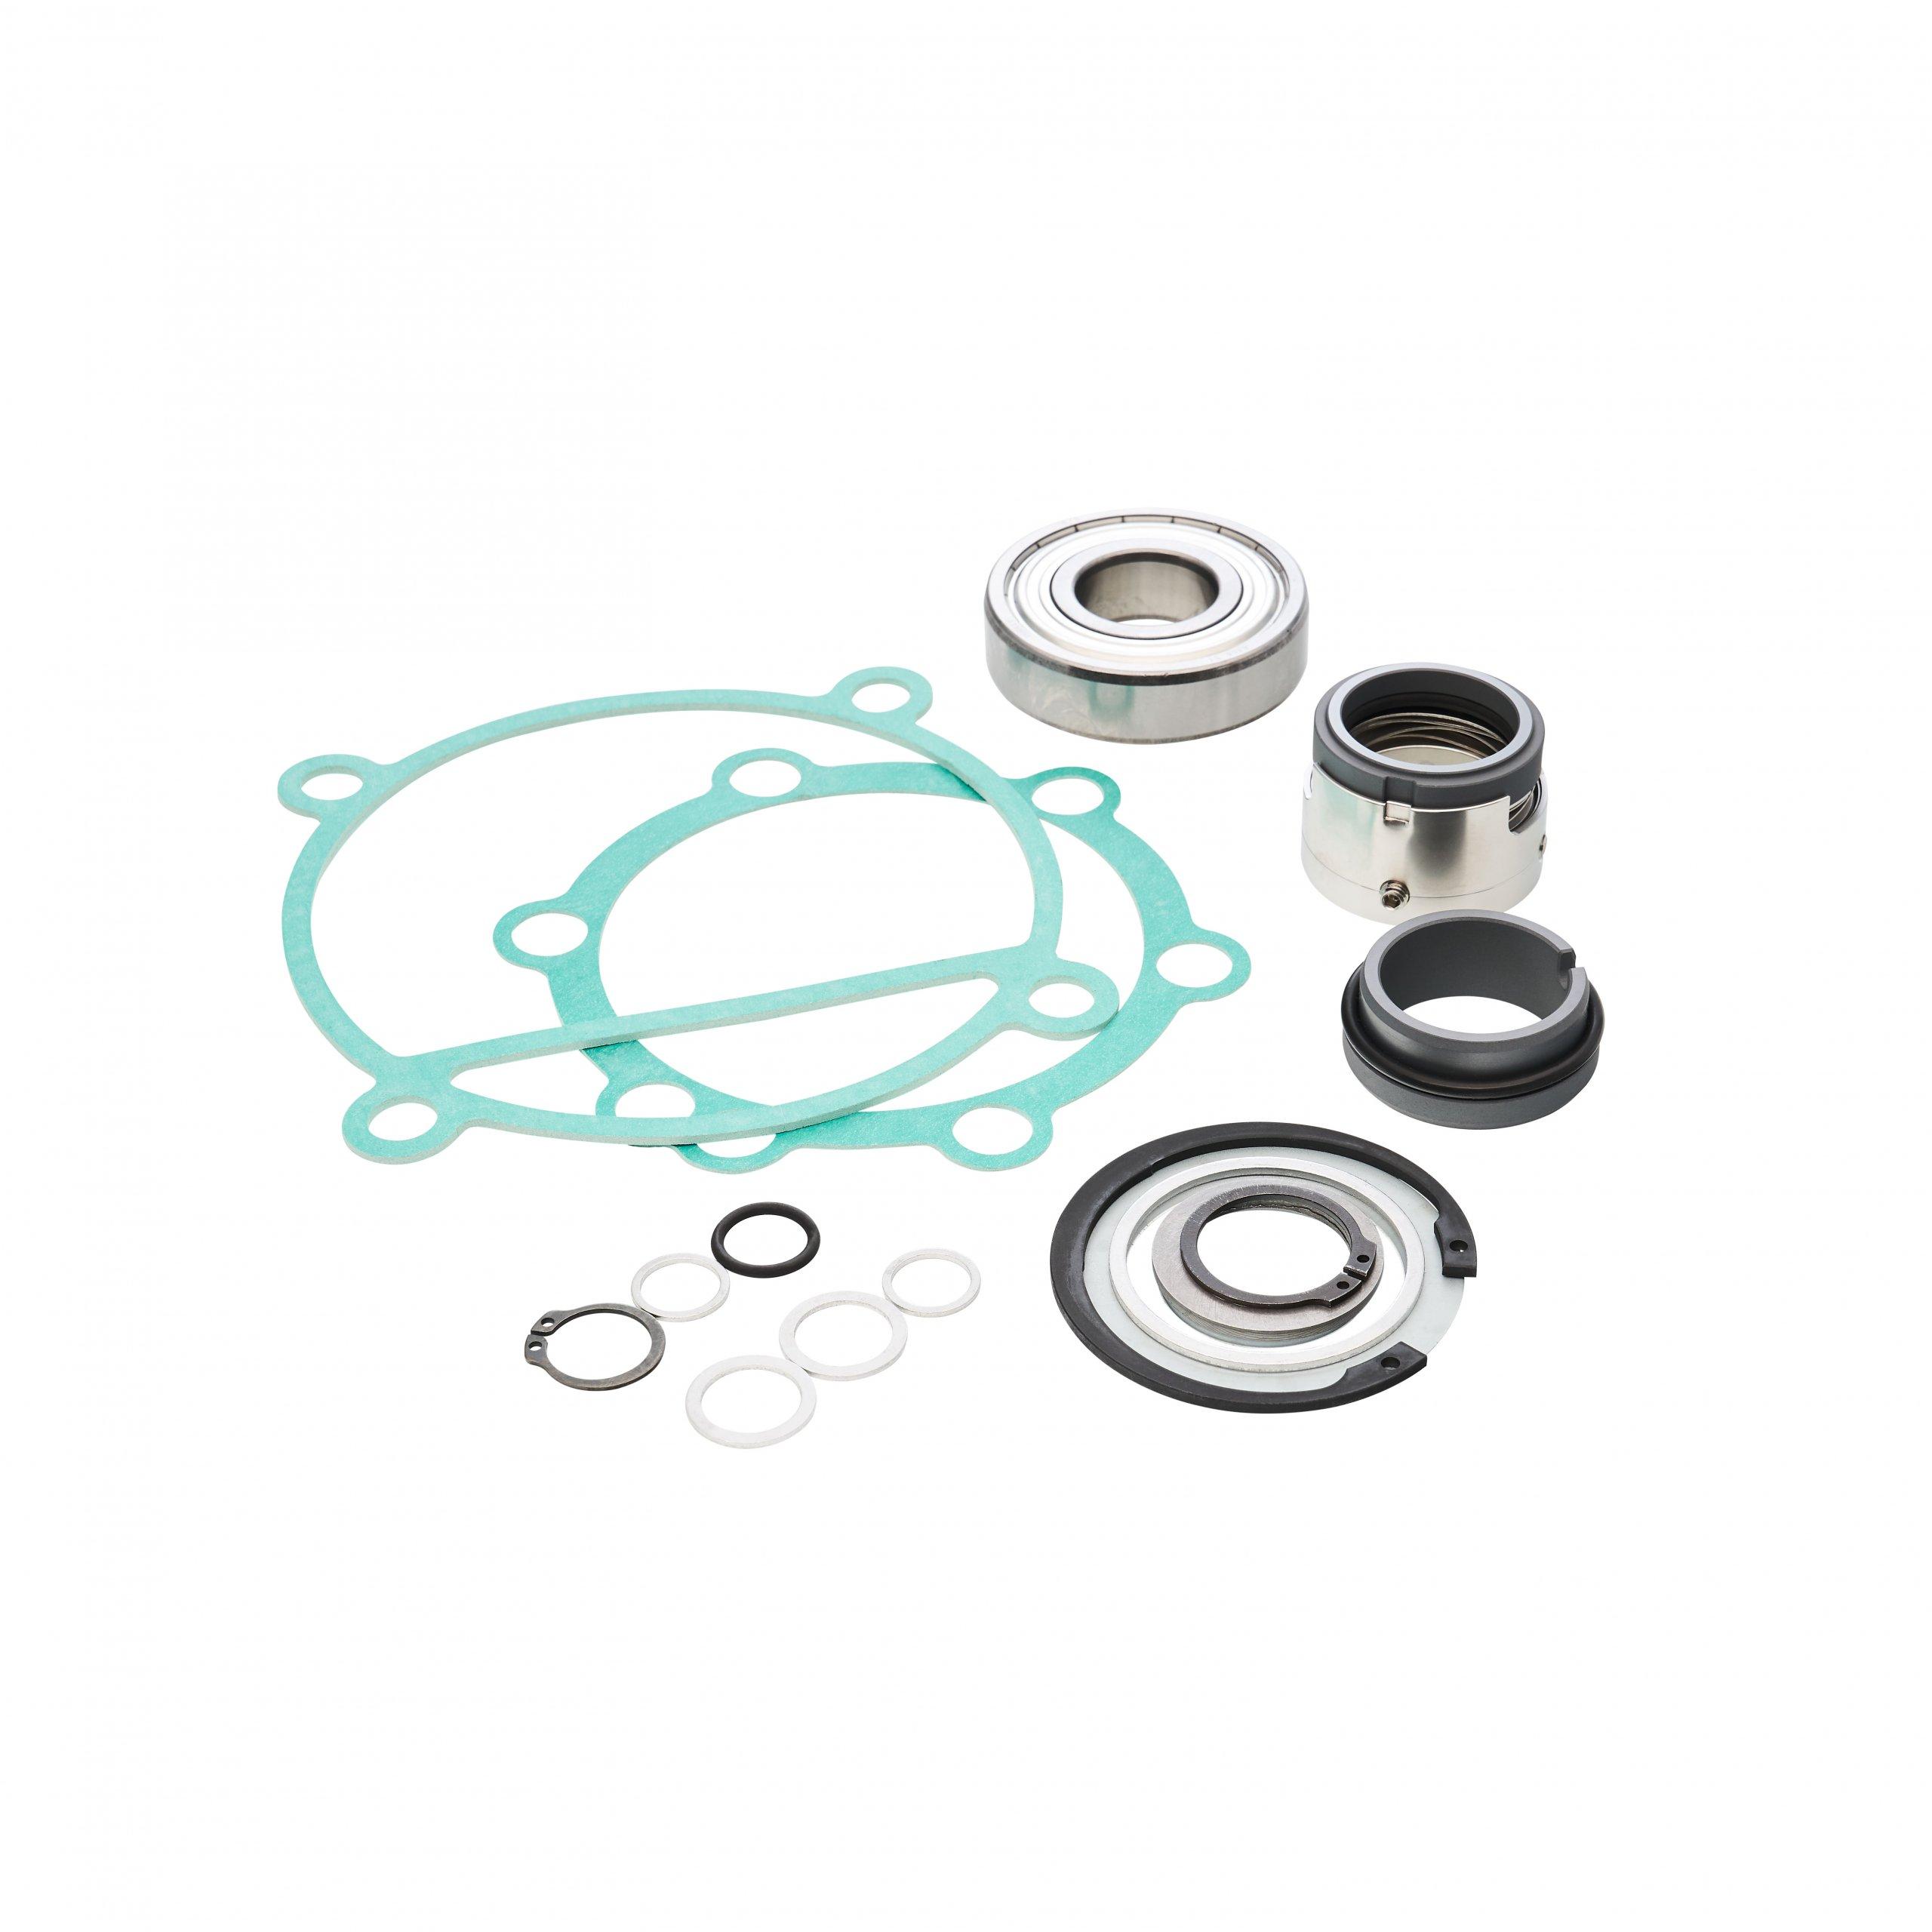 Pumps - Minor spare part kit